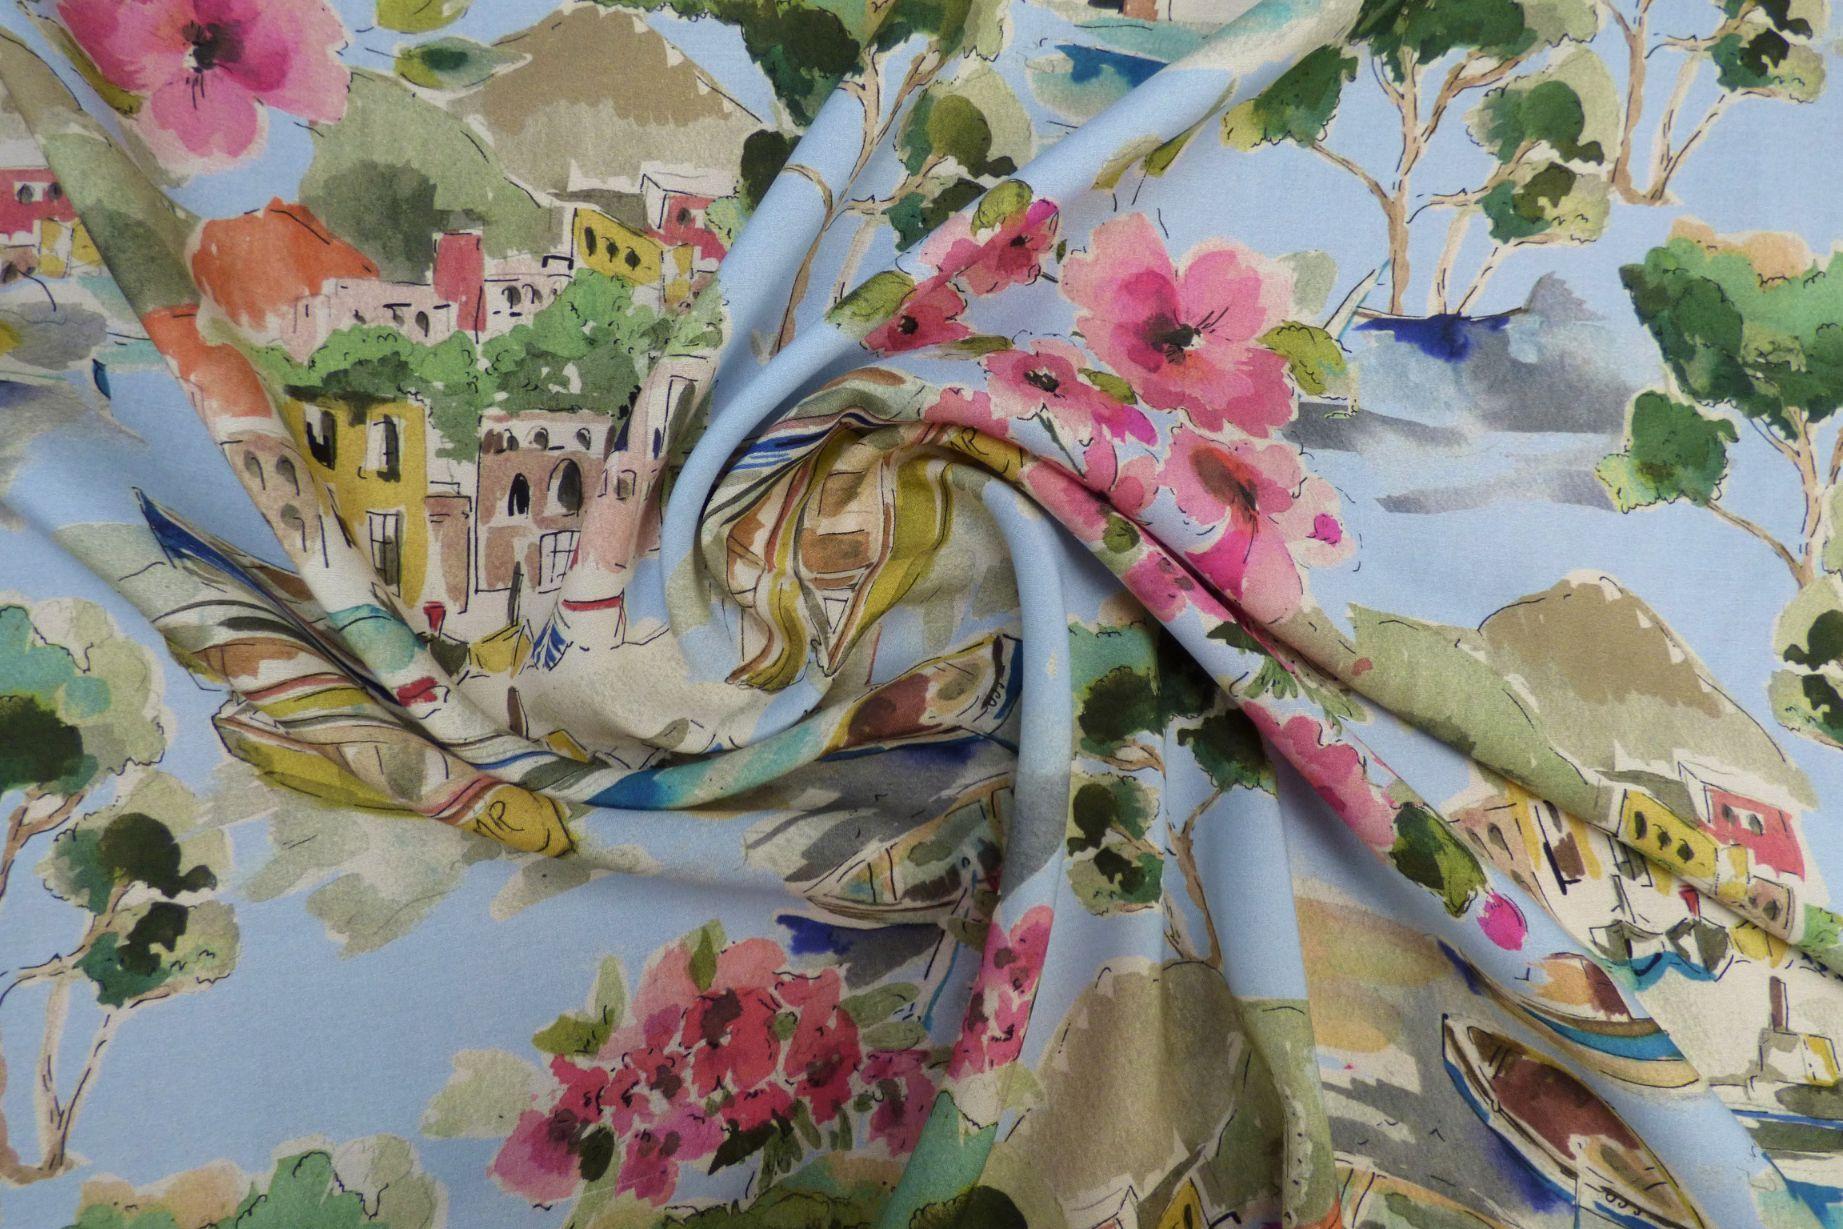 Life in Venice Cotton Lawn